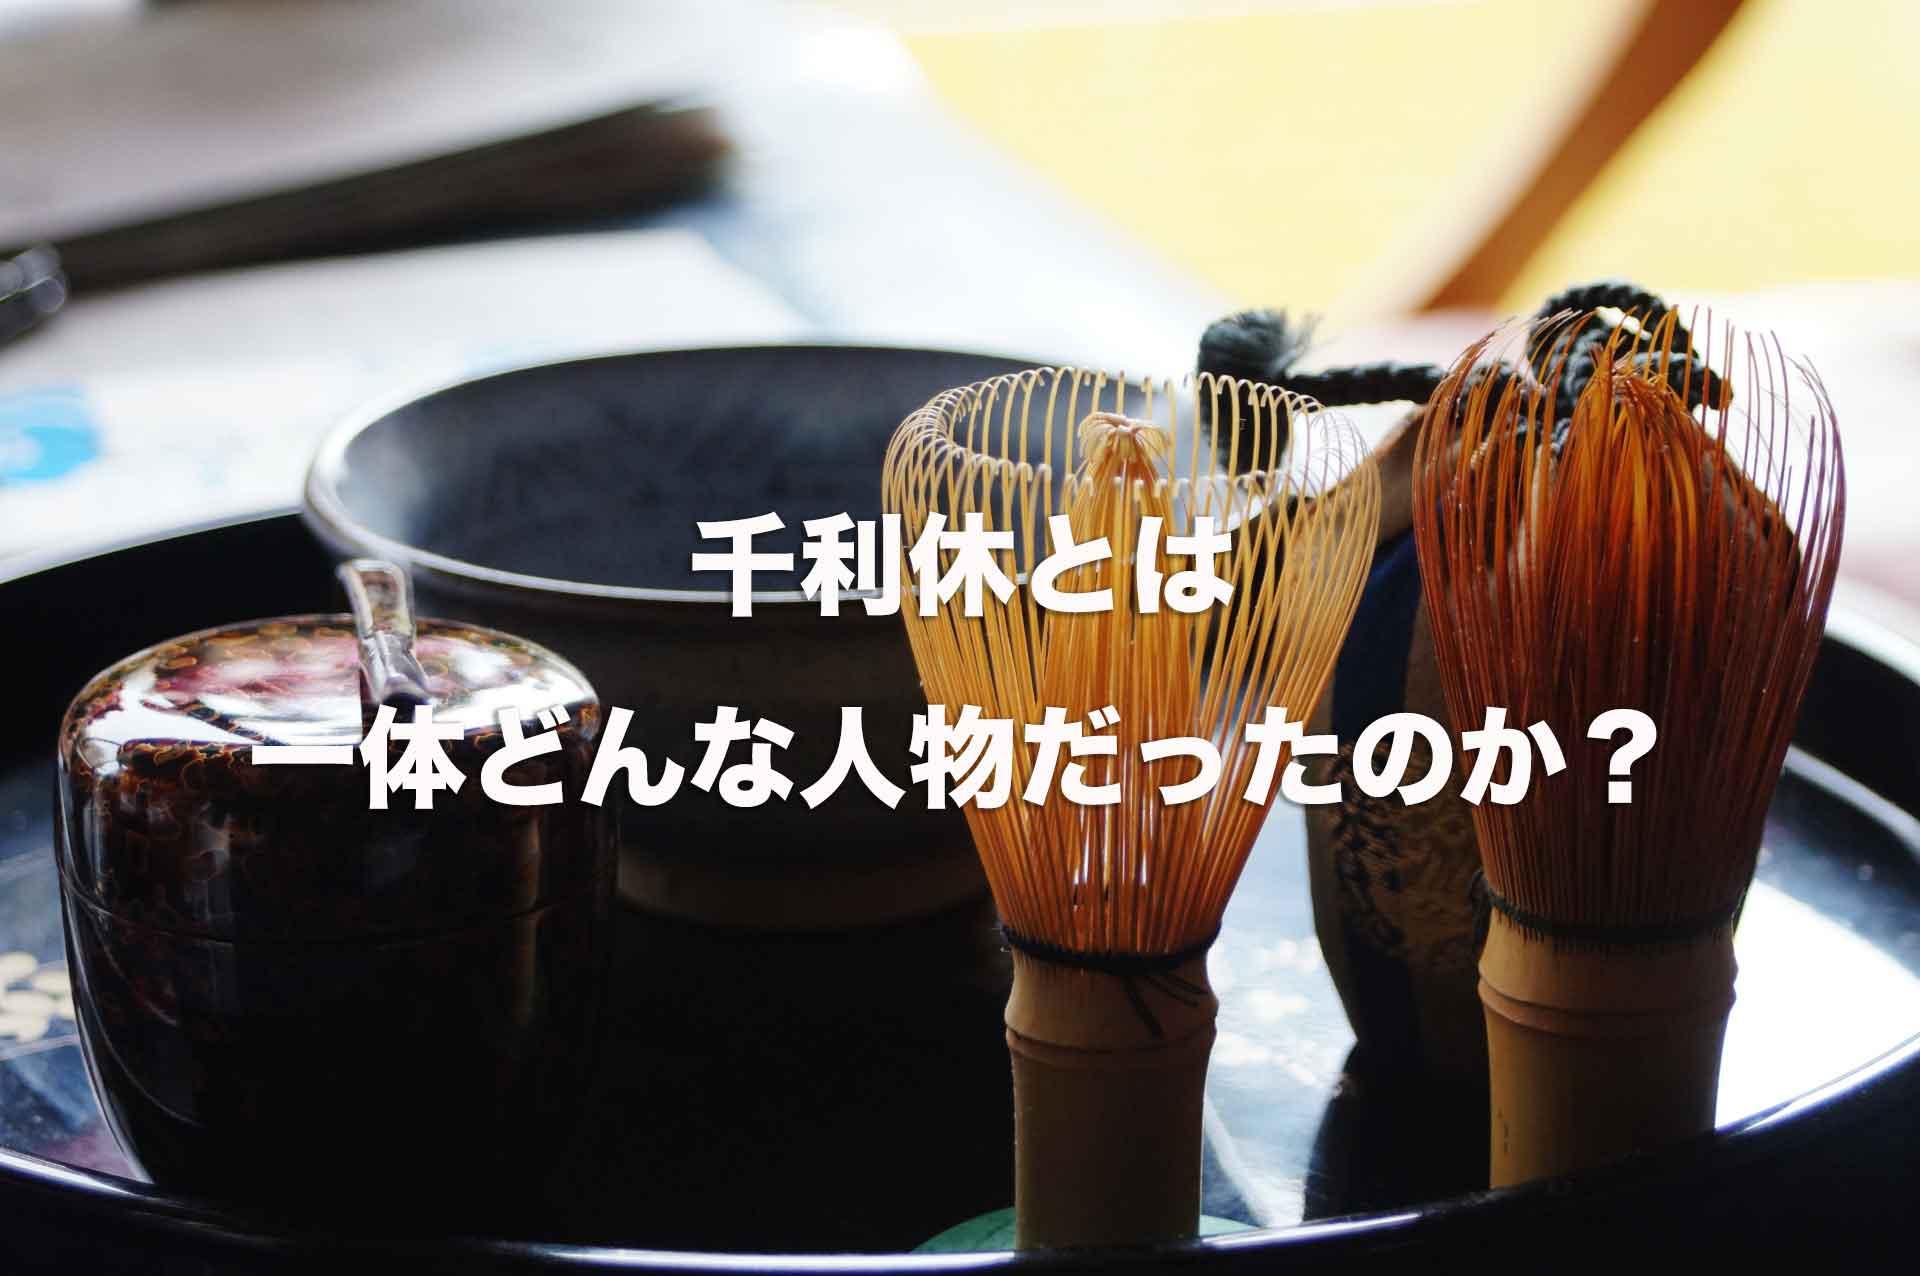 千利休とはいったいどんな人?本名・名言・逸話など簡単に解説!